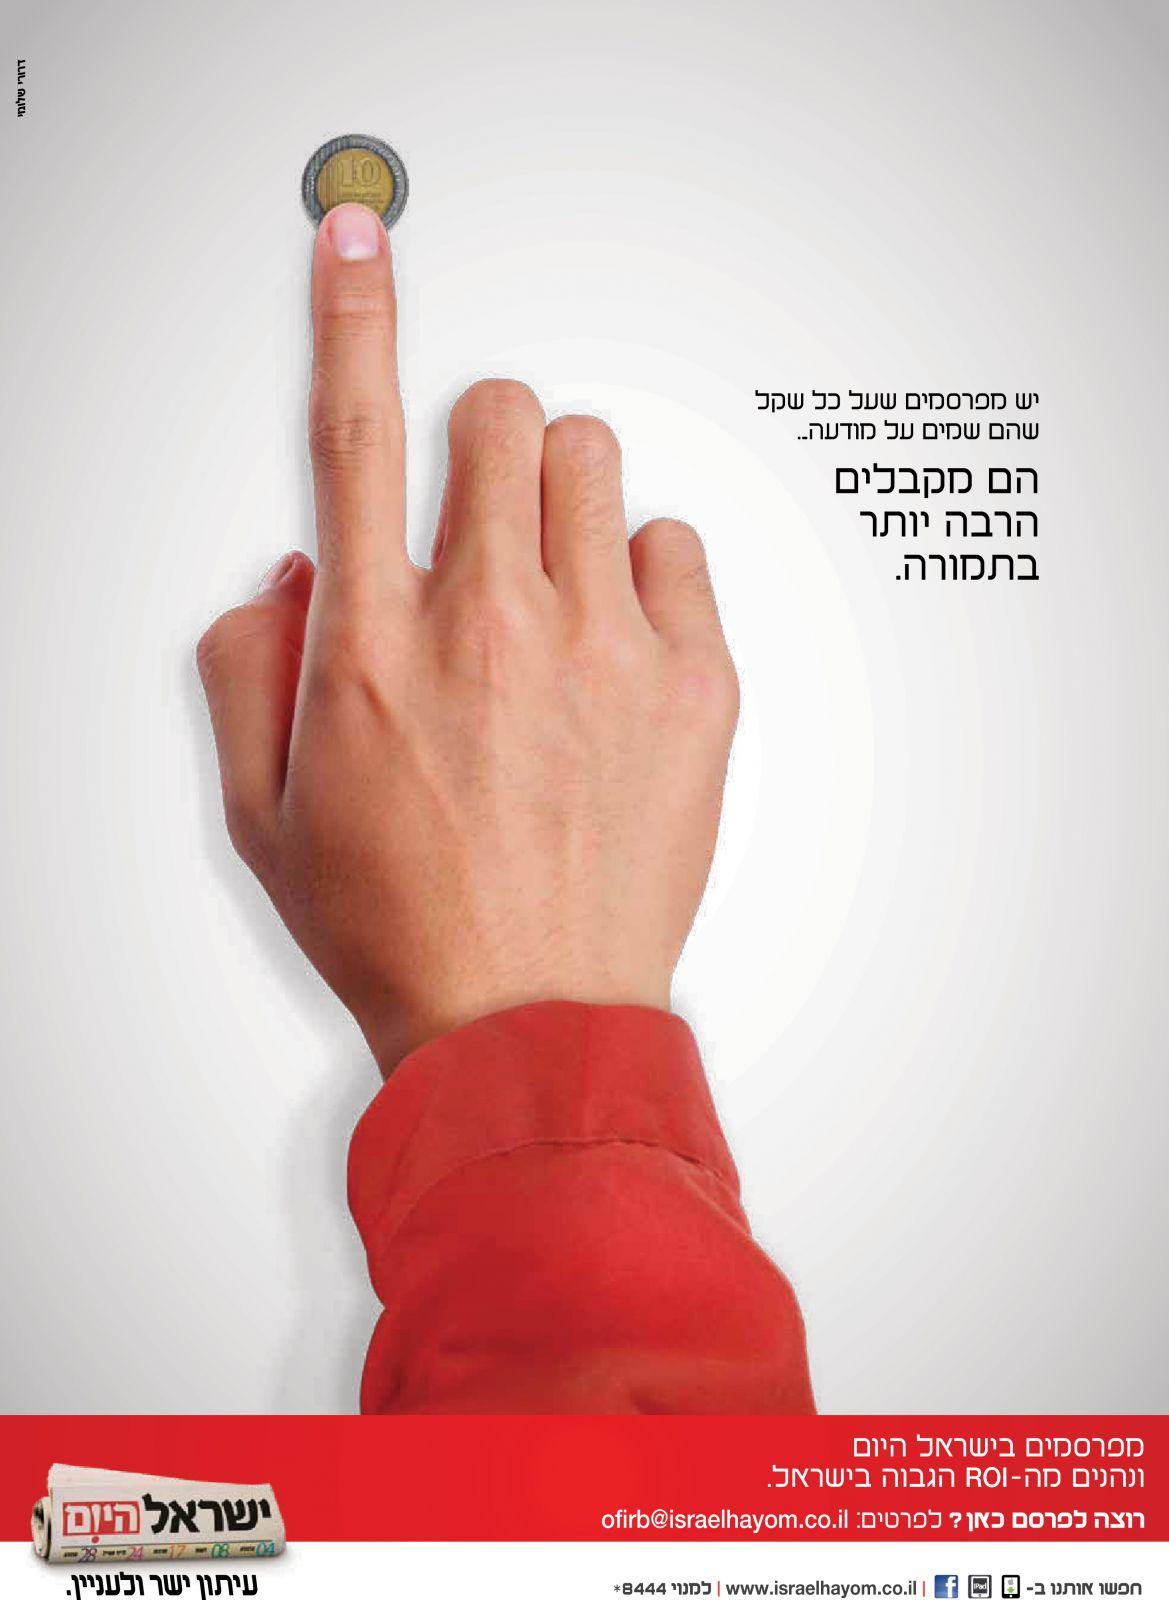 """""""ישראל היום"""", מודעה עצמית קבועה, 2013 (לחצו להגדלה)"""